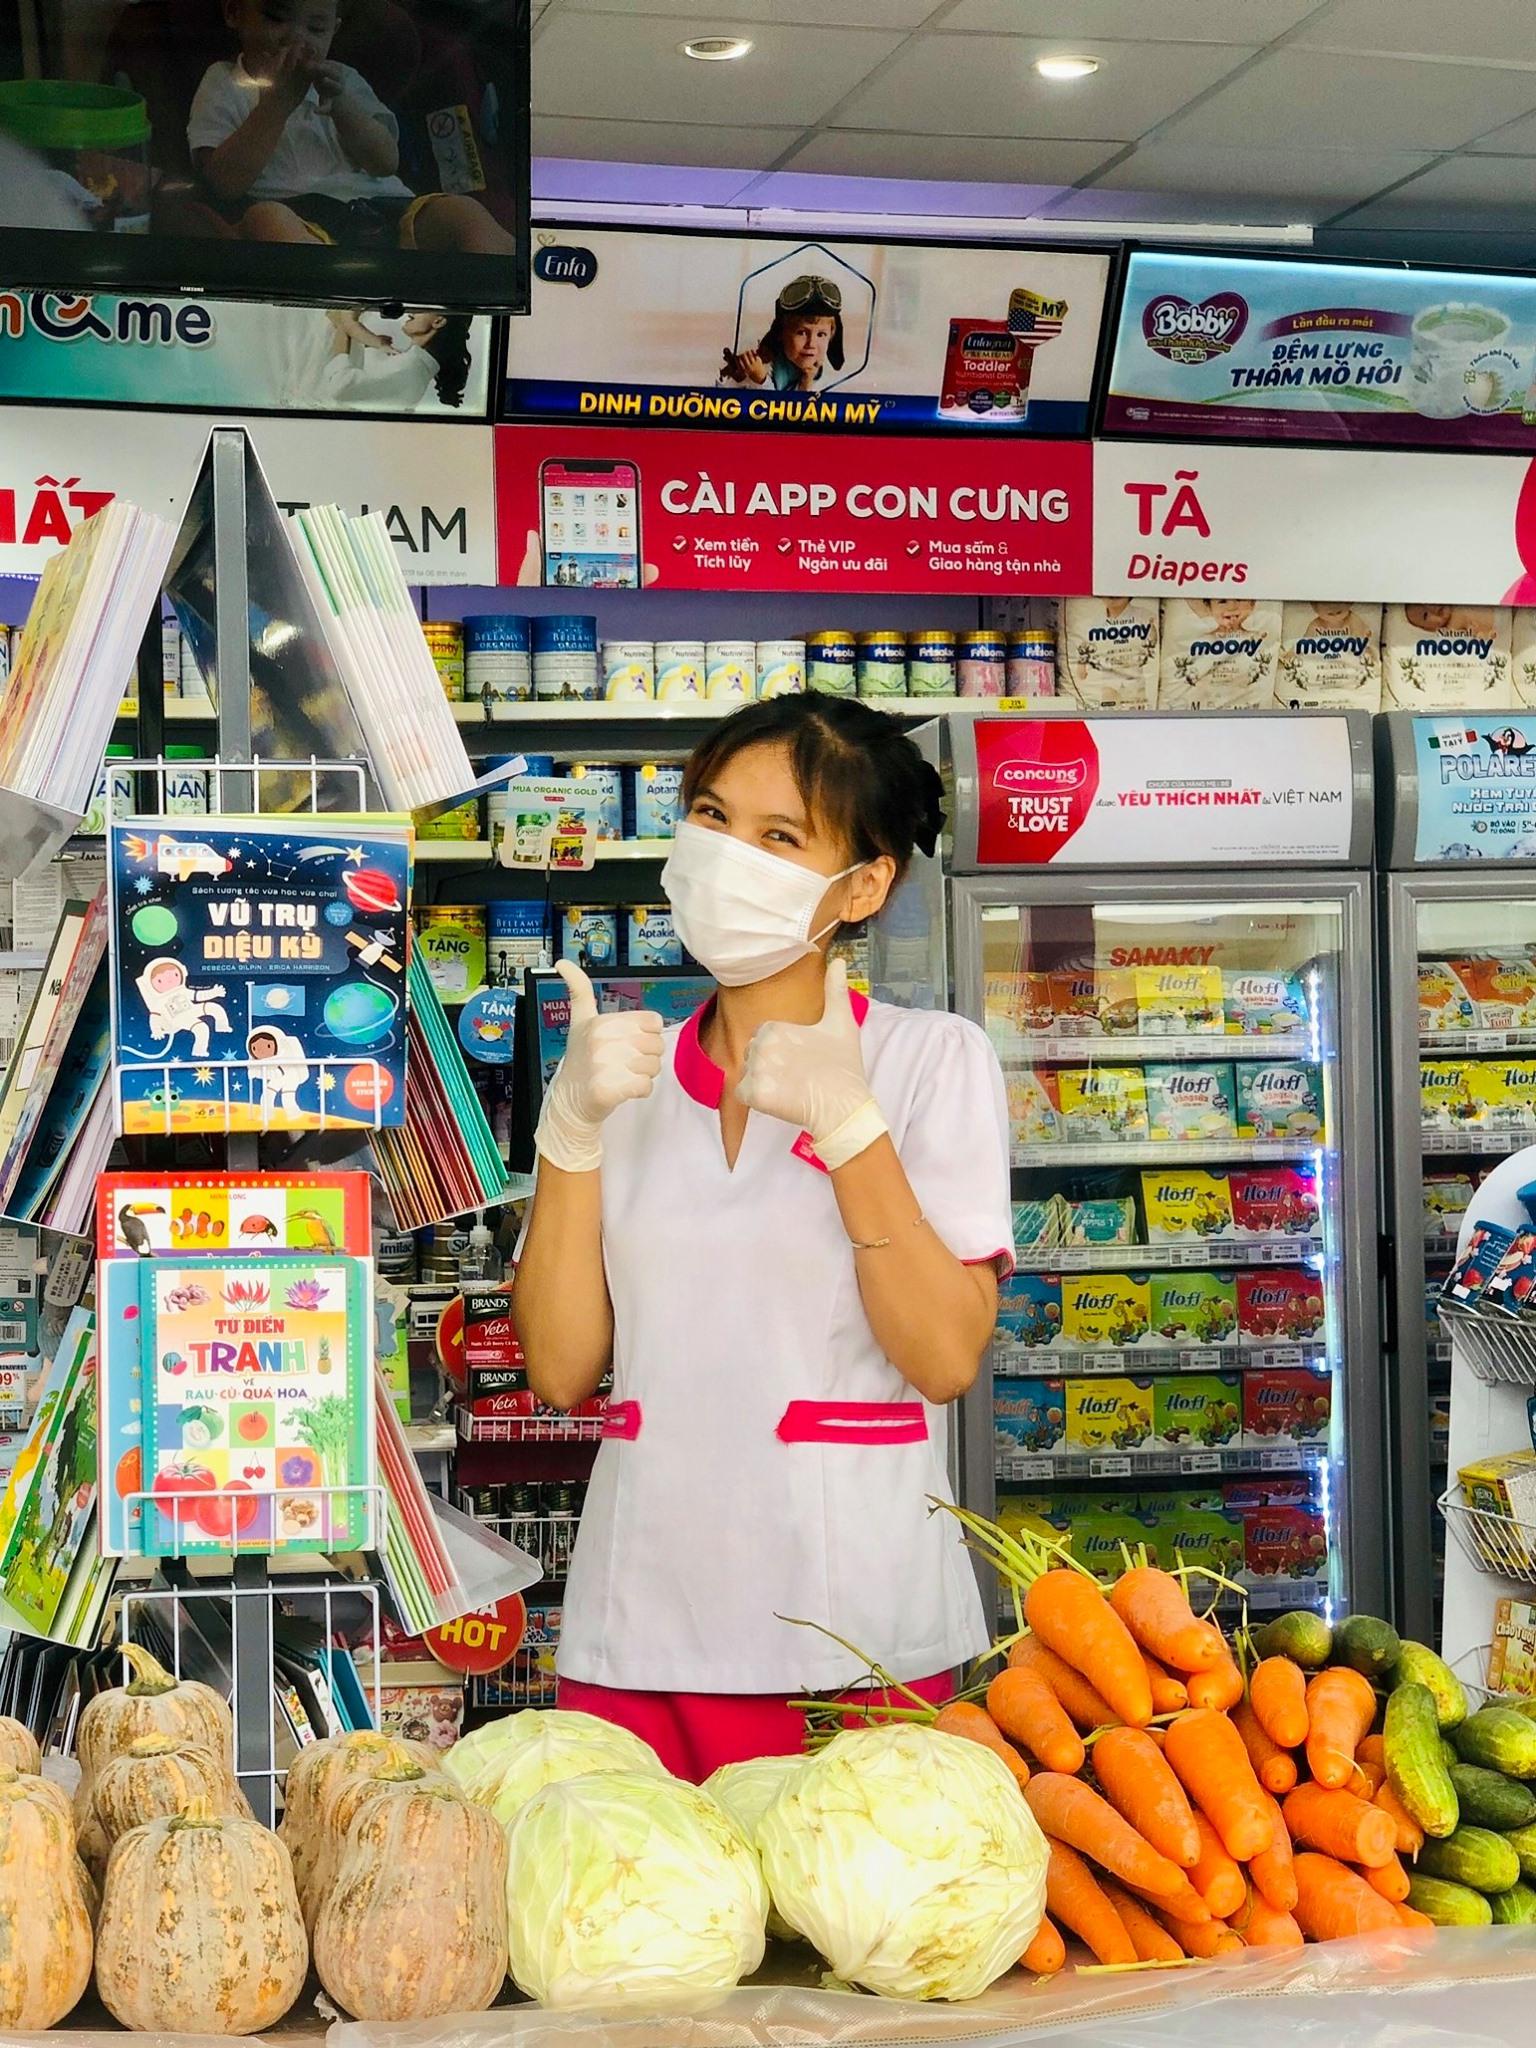 Ngoài siêu thị, người dân ở TP.HCM có thể tới những địa chỉ này mua rau củ, thịt cá - ảnh 3